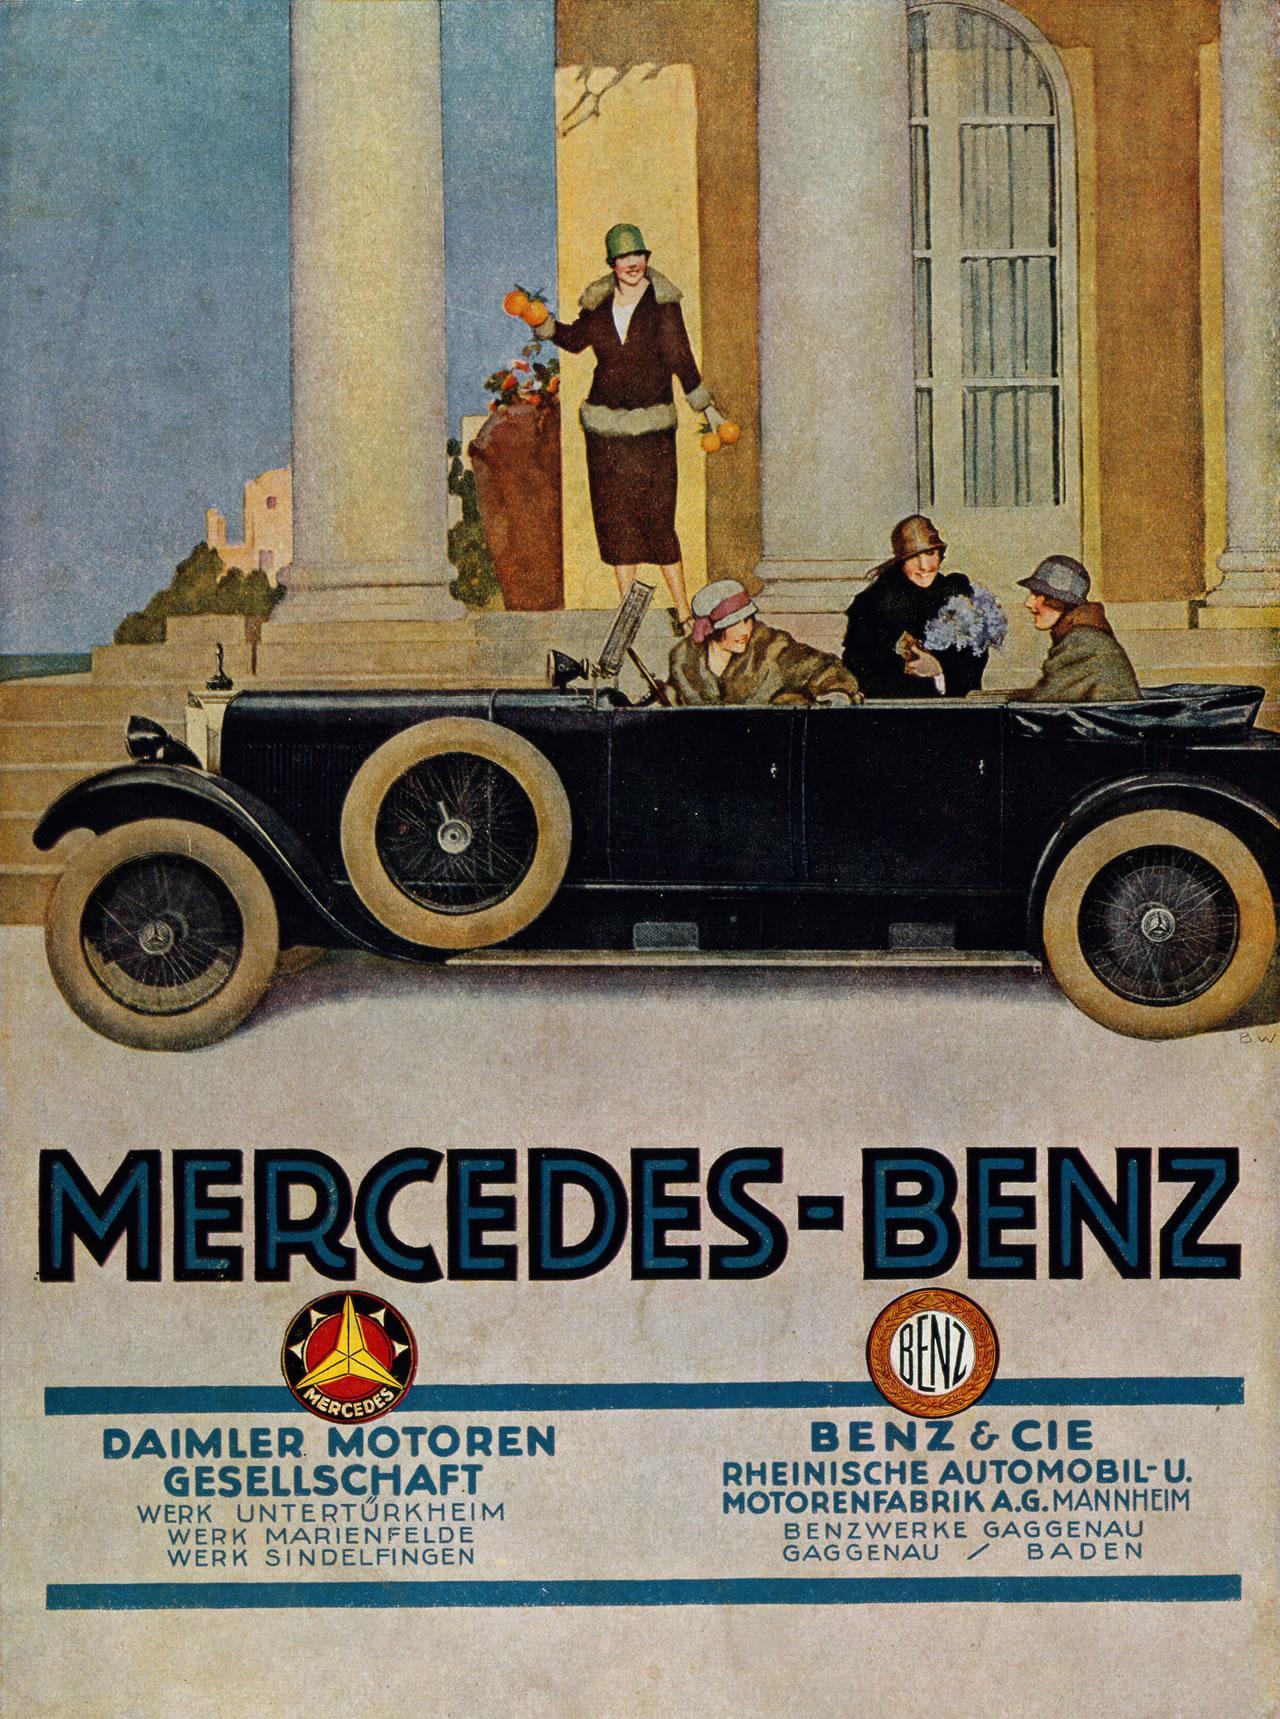 Mercedes Benz DMG Daimler-Motoren-Gesellschaft